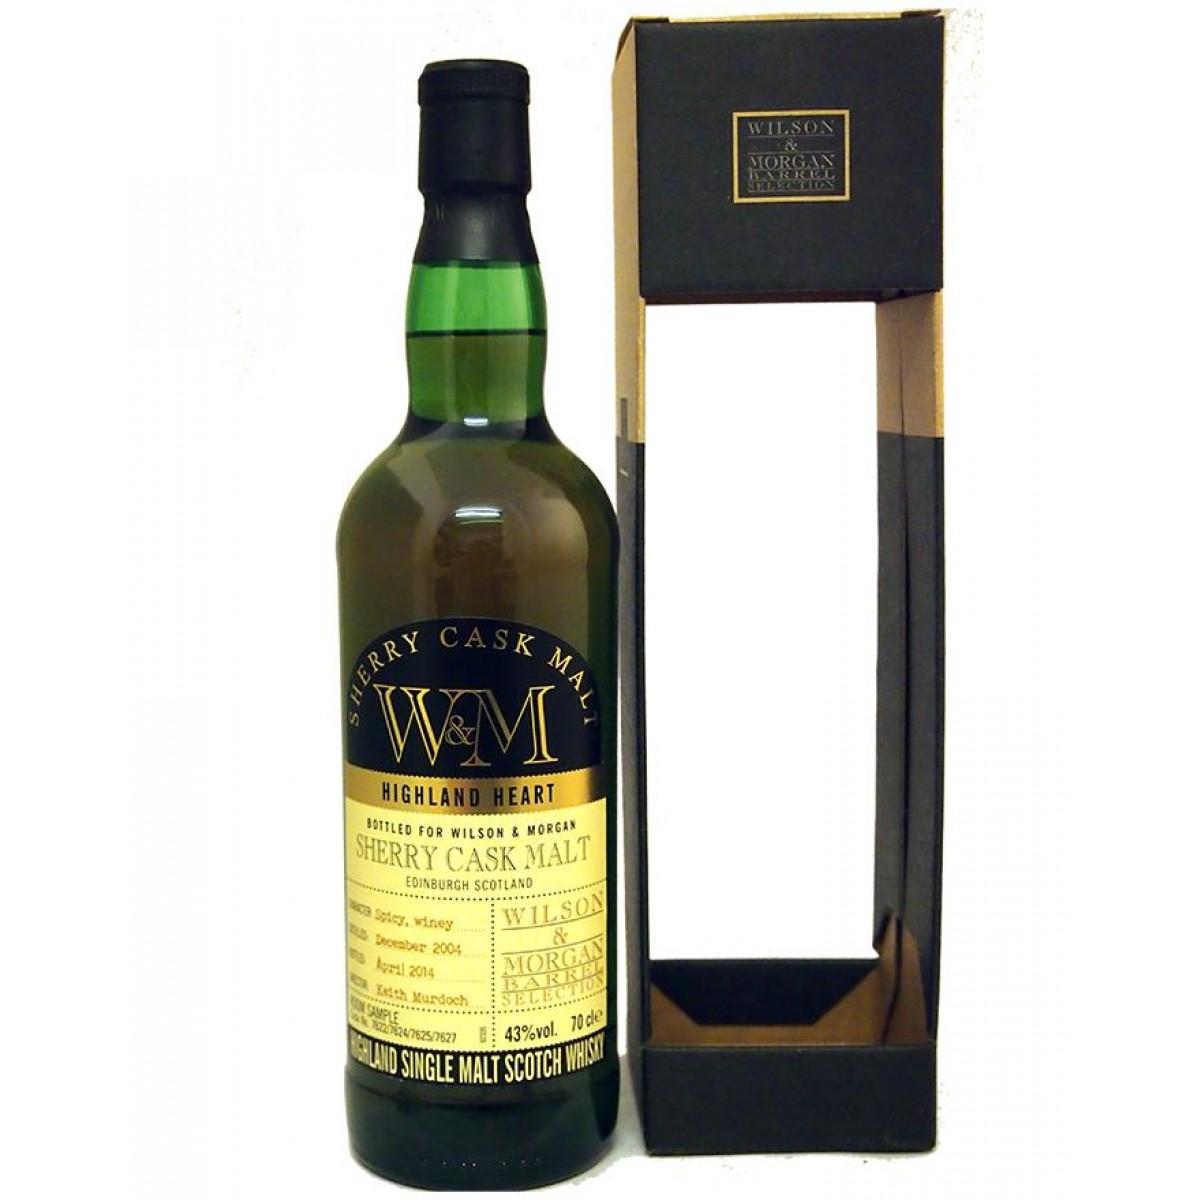 Confezione regalo Whisky Sherry Cask Malt Wilson & Morgan